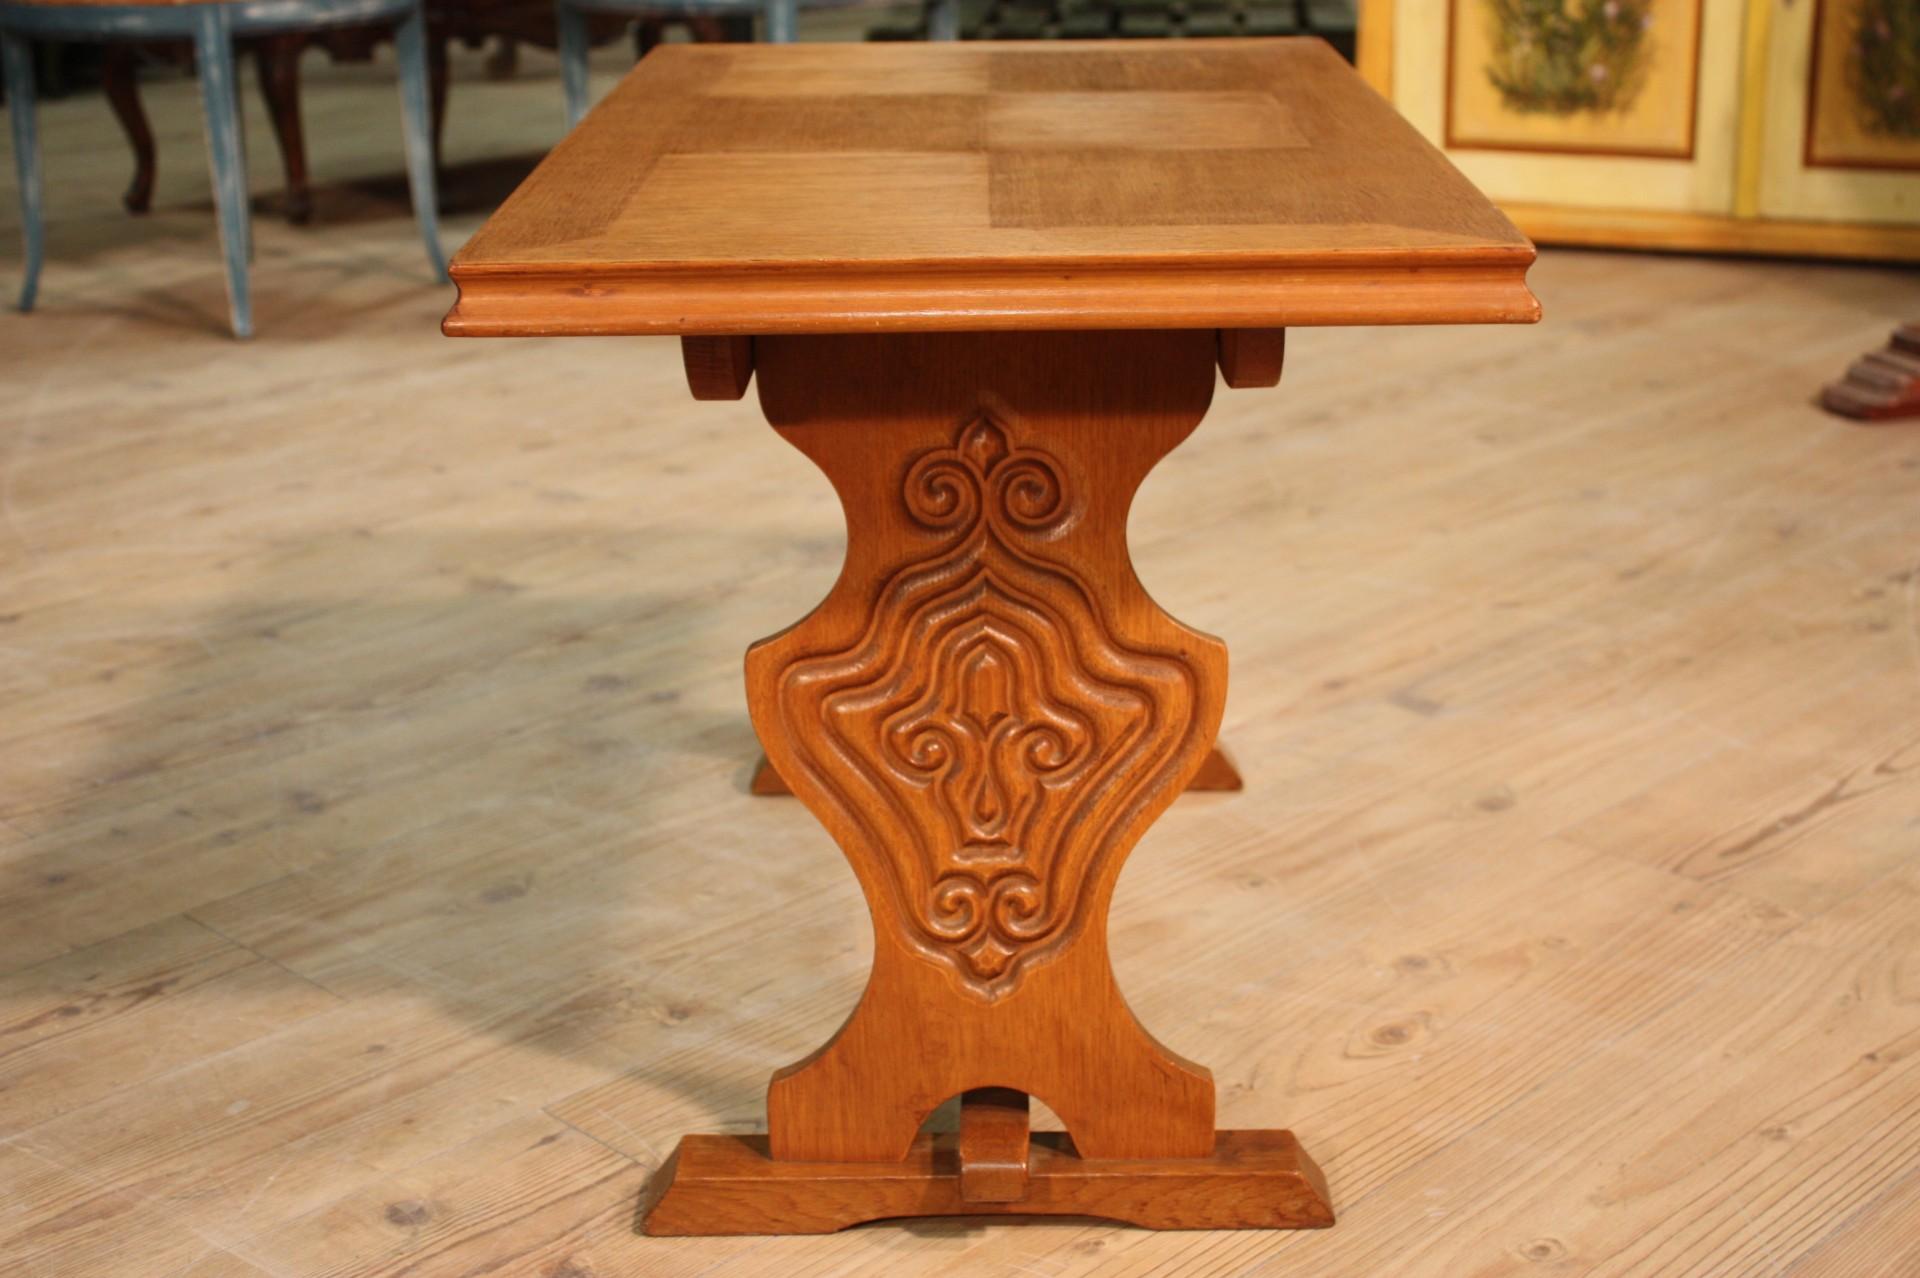 Annuncio: Tavolino olandese in legno di rovere • NowArc